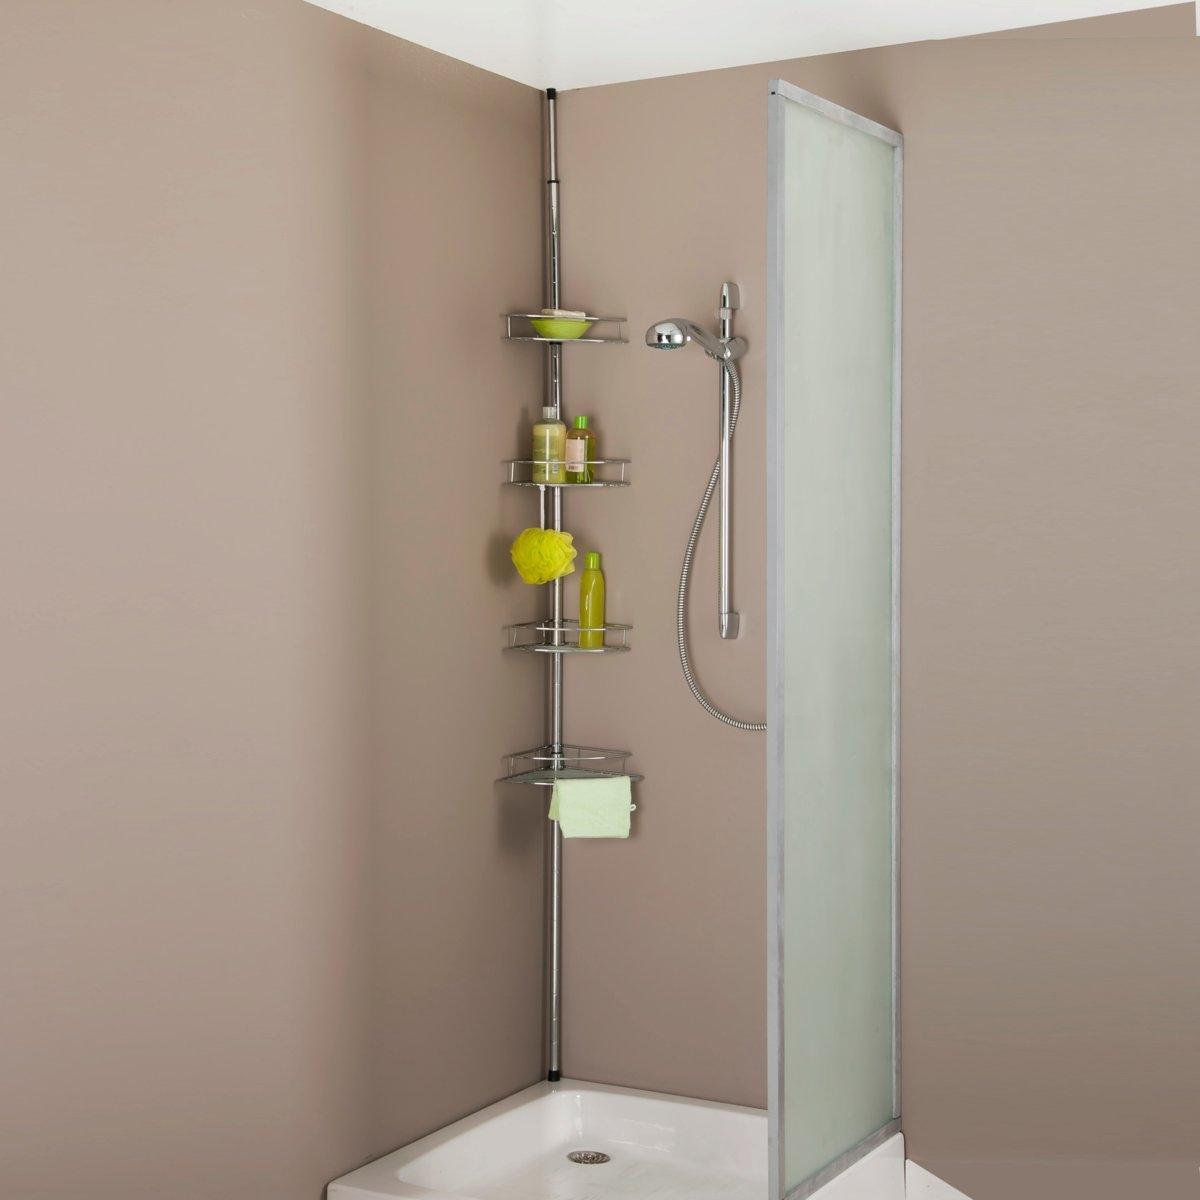 Этажерка угловая раздвижная для ванны или душаЭтажерка угловая раздвижная для ванны, раздвижная от пола до потолка на 150 -250 см, она легко впишется в габаритные размеры и устанавливается в одно мгновение ока  .ОПИСАНИЕ  :        - Трубка из хромированного металла, которая крепится от пола до потолка с помощью пружинной системы  .     - Без шурупов и гвоздей  .     - 4 угловых полочки из пластика (dразмеры полочки   : 22 x 22 см).          Готова для установки с инструкцией.<br><br>Цвет: металл хромированный